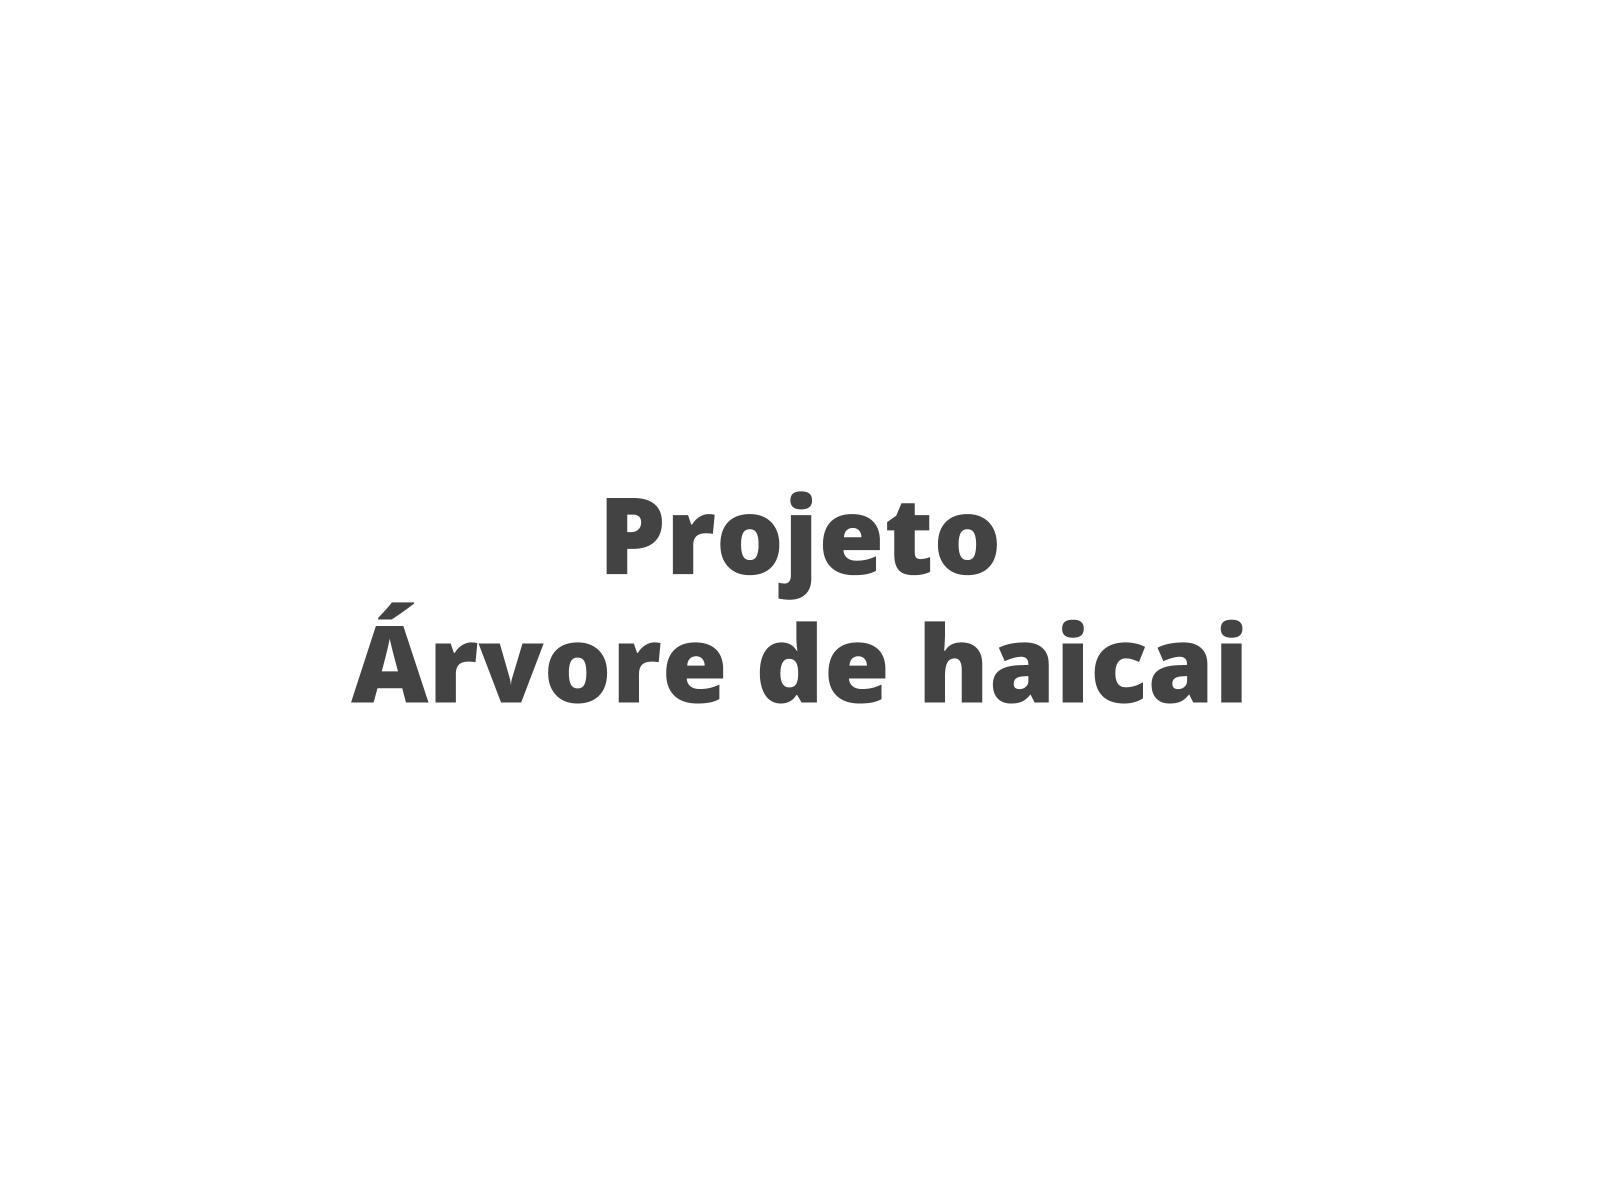 """Produzindo haicai - projeto """"Árvore de haicai"""""""